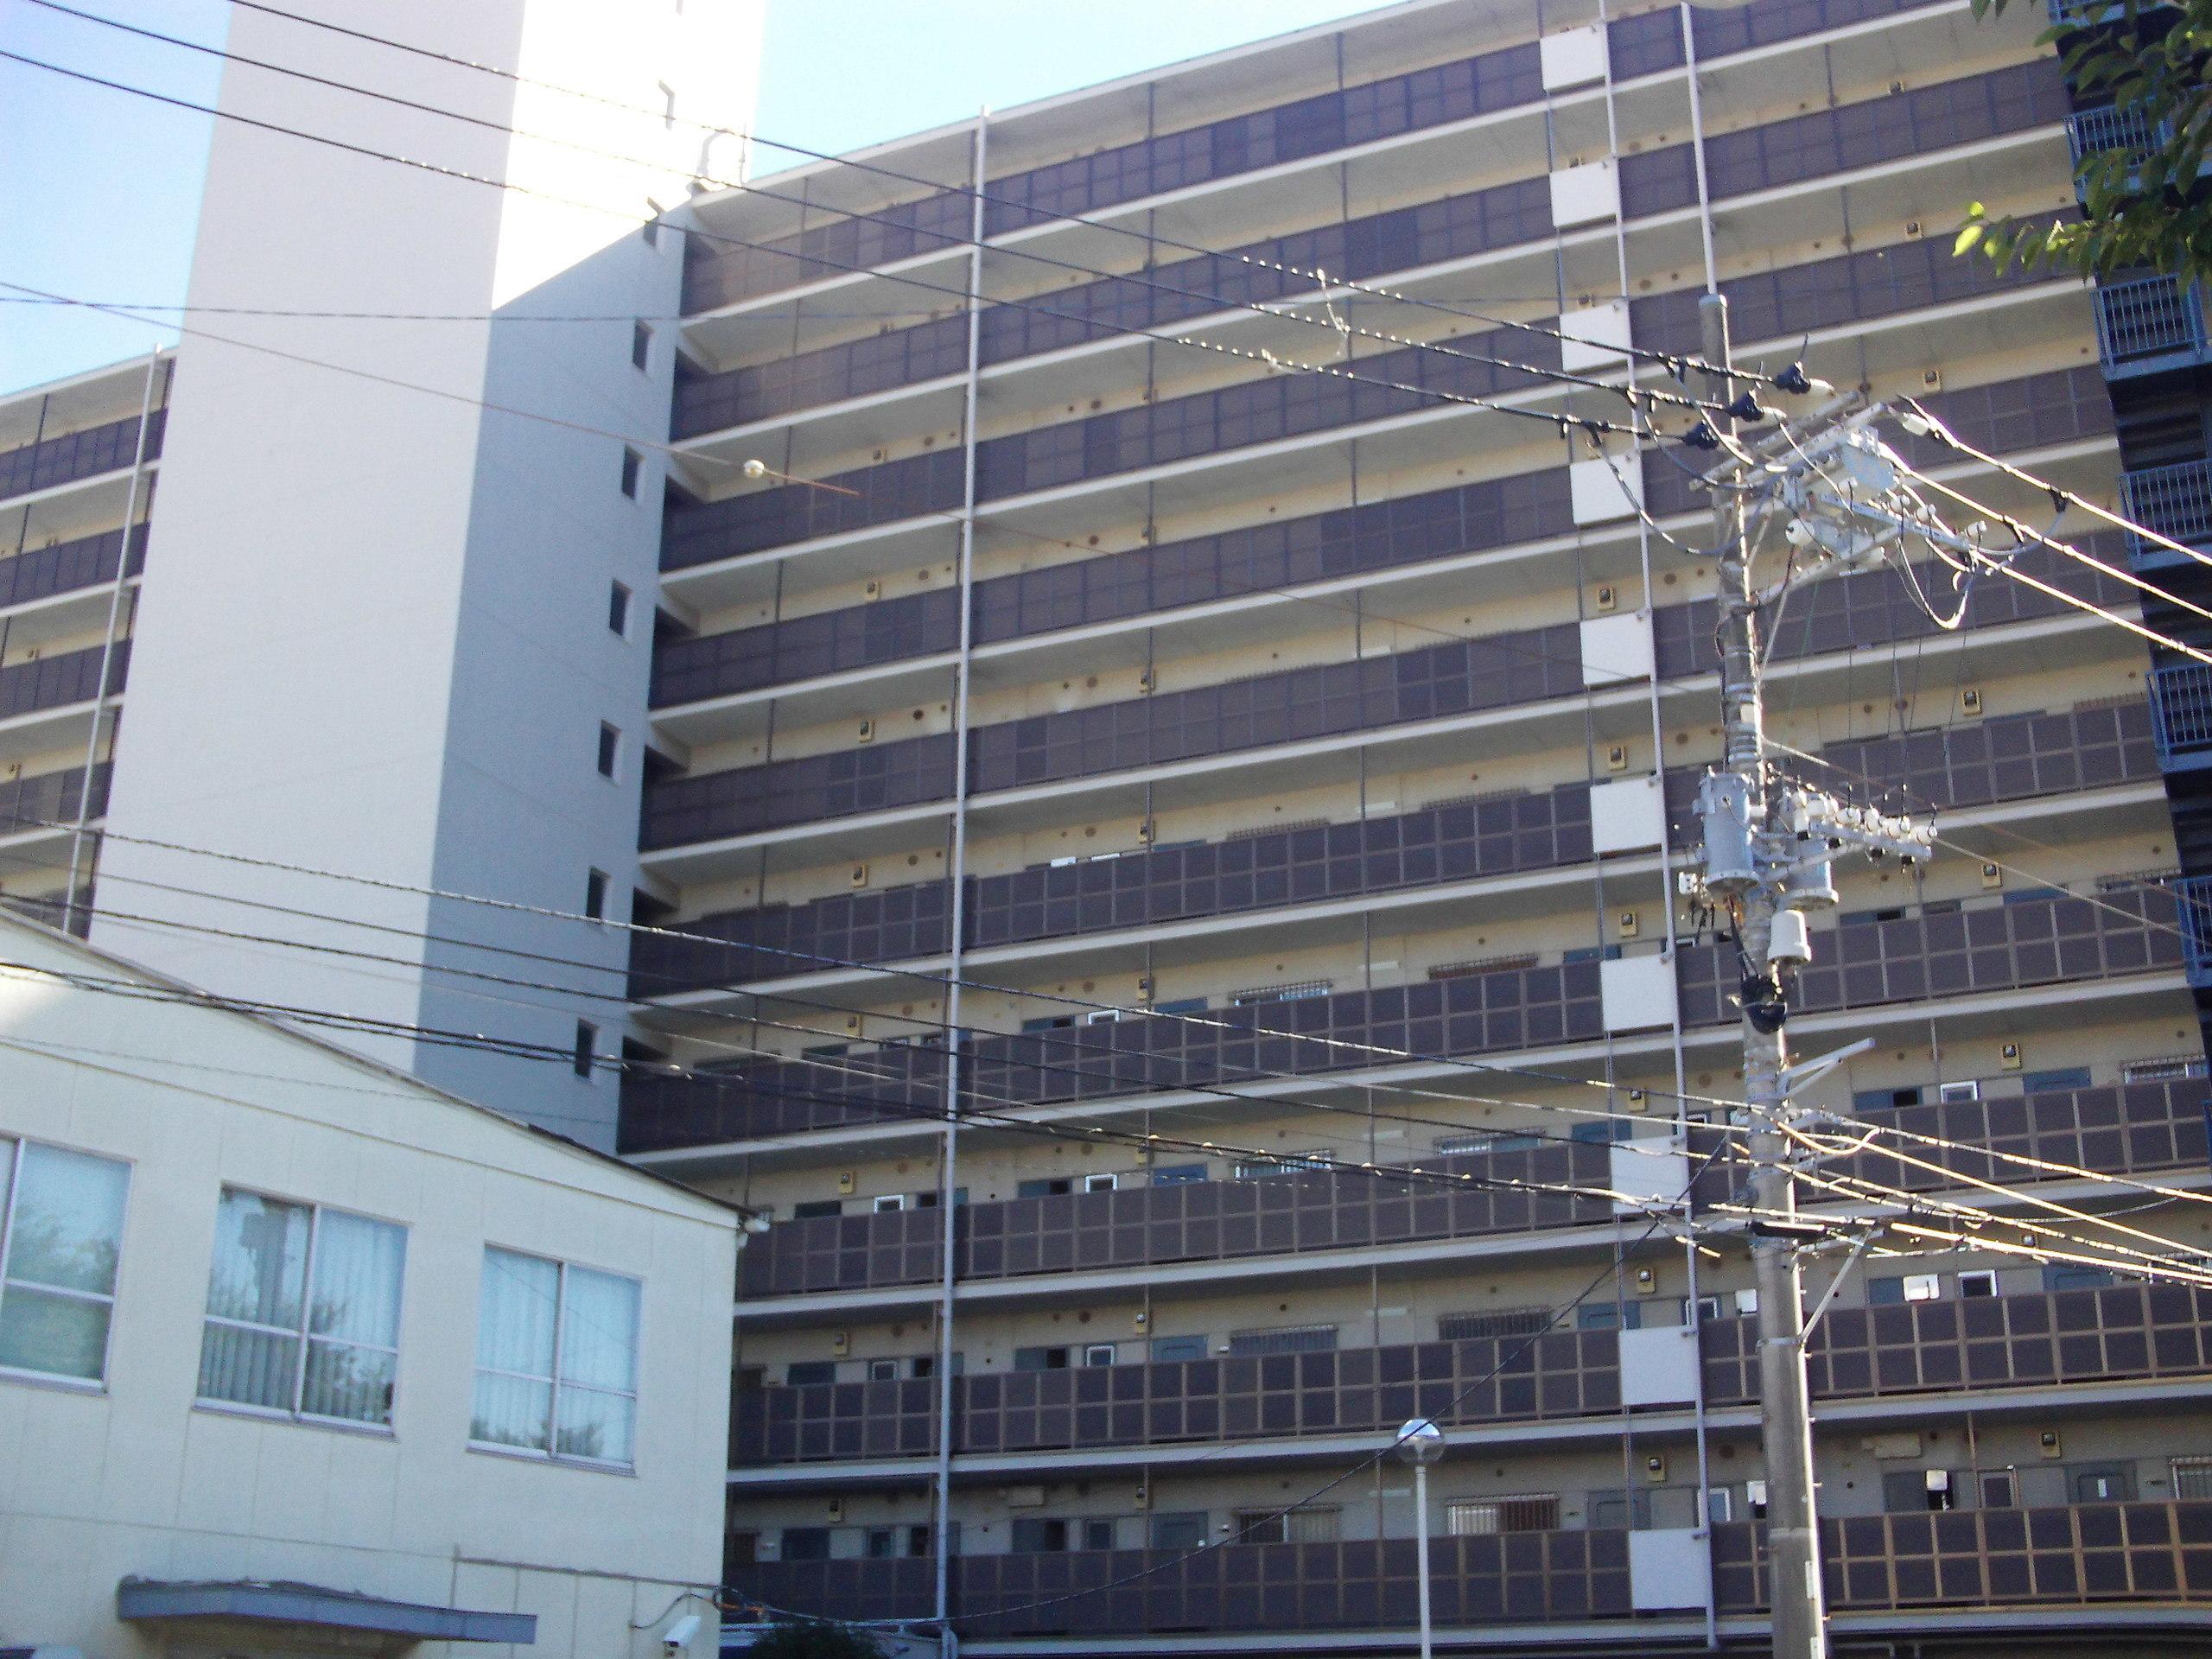 【外観写真】 総戸数115戸のビックコミュニティ!駅より平坦な立地です!